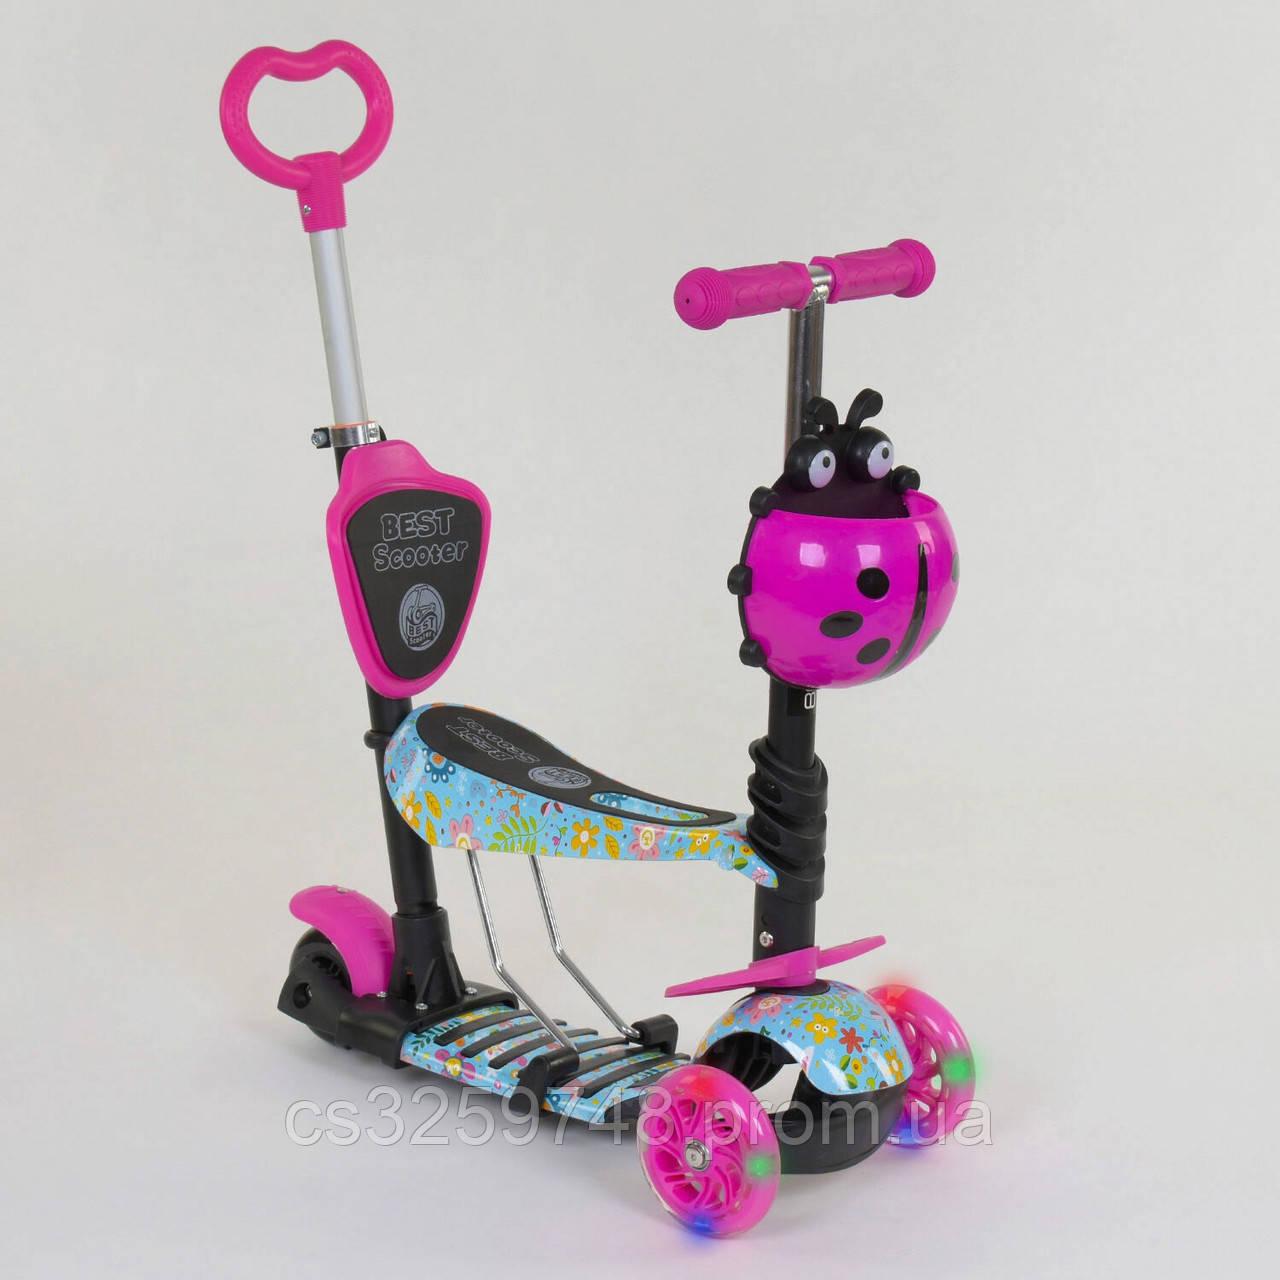 Самокат Best Scooter 5в1 26901 Абстракция